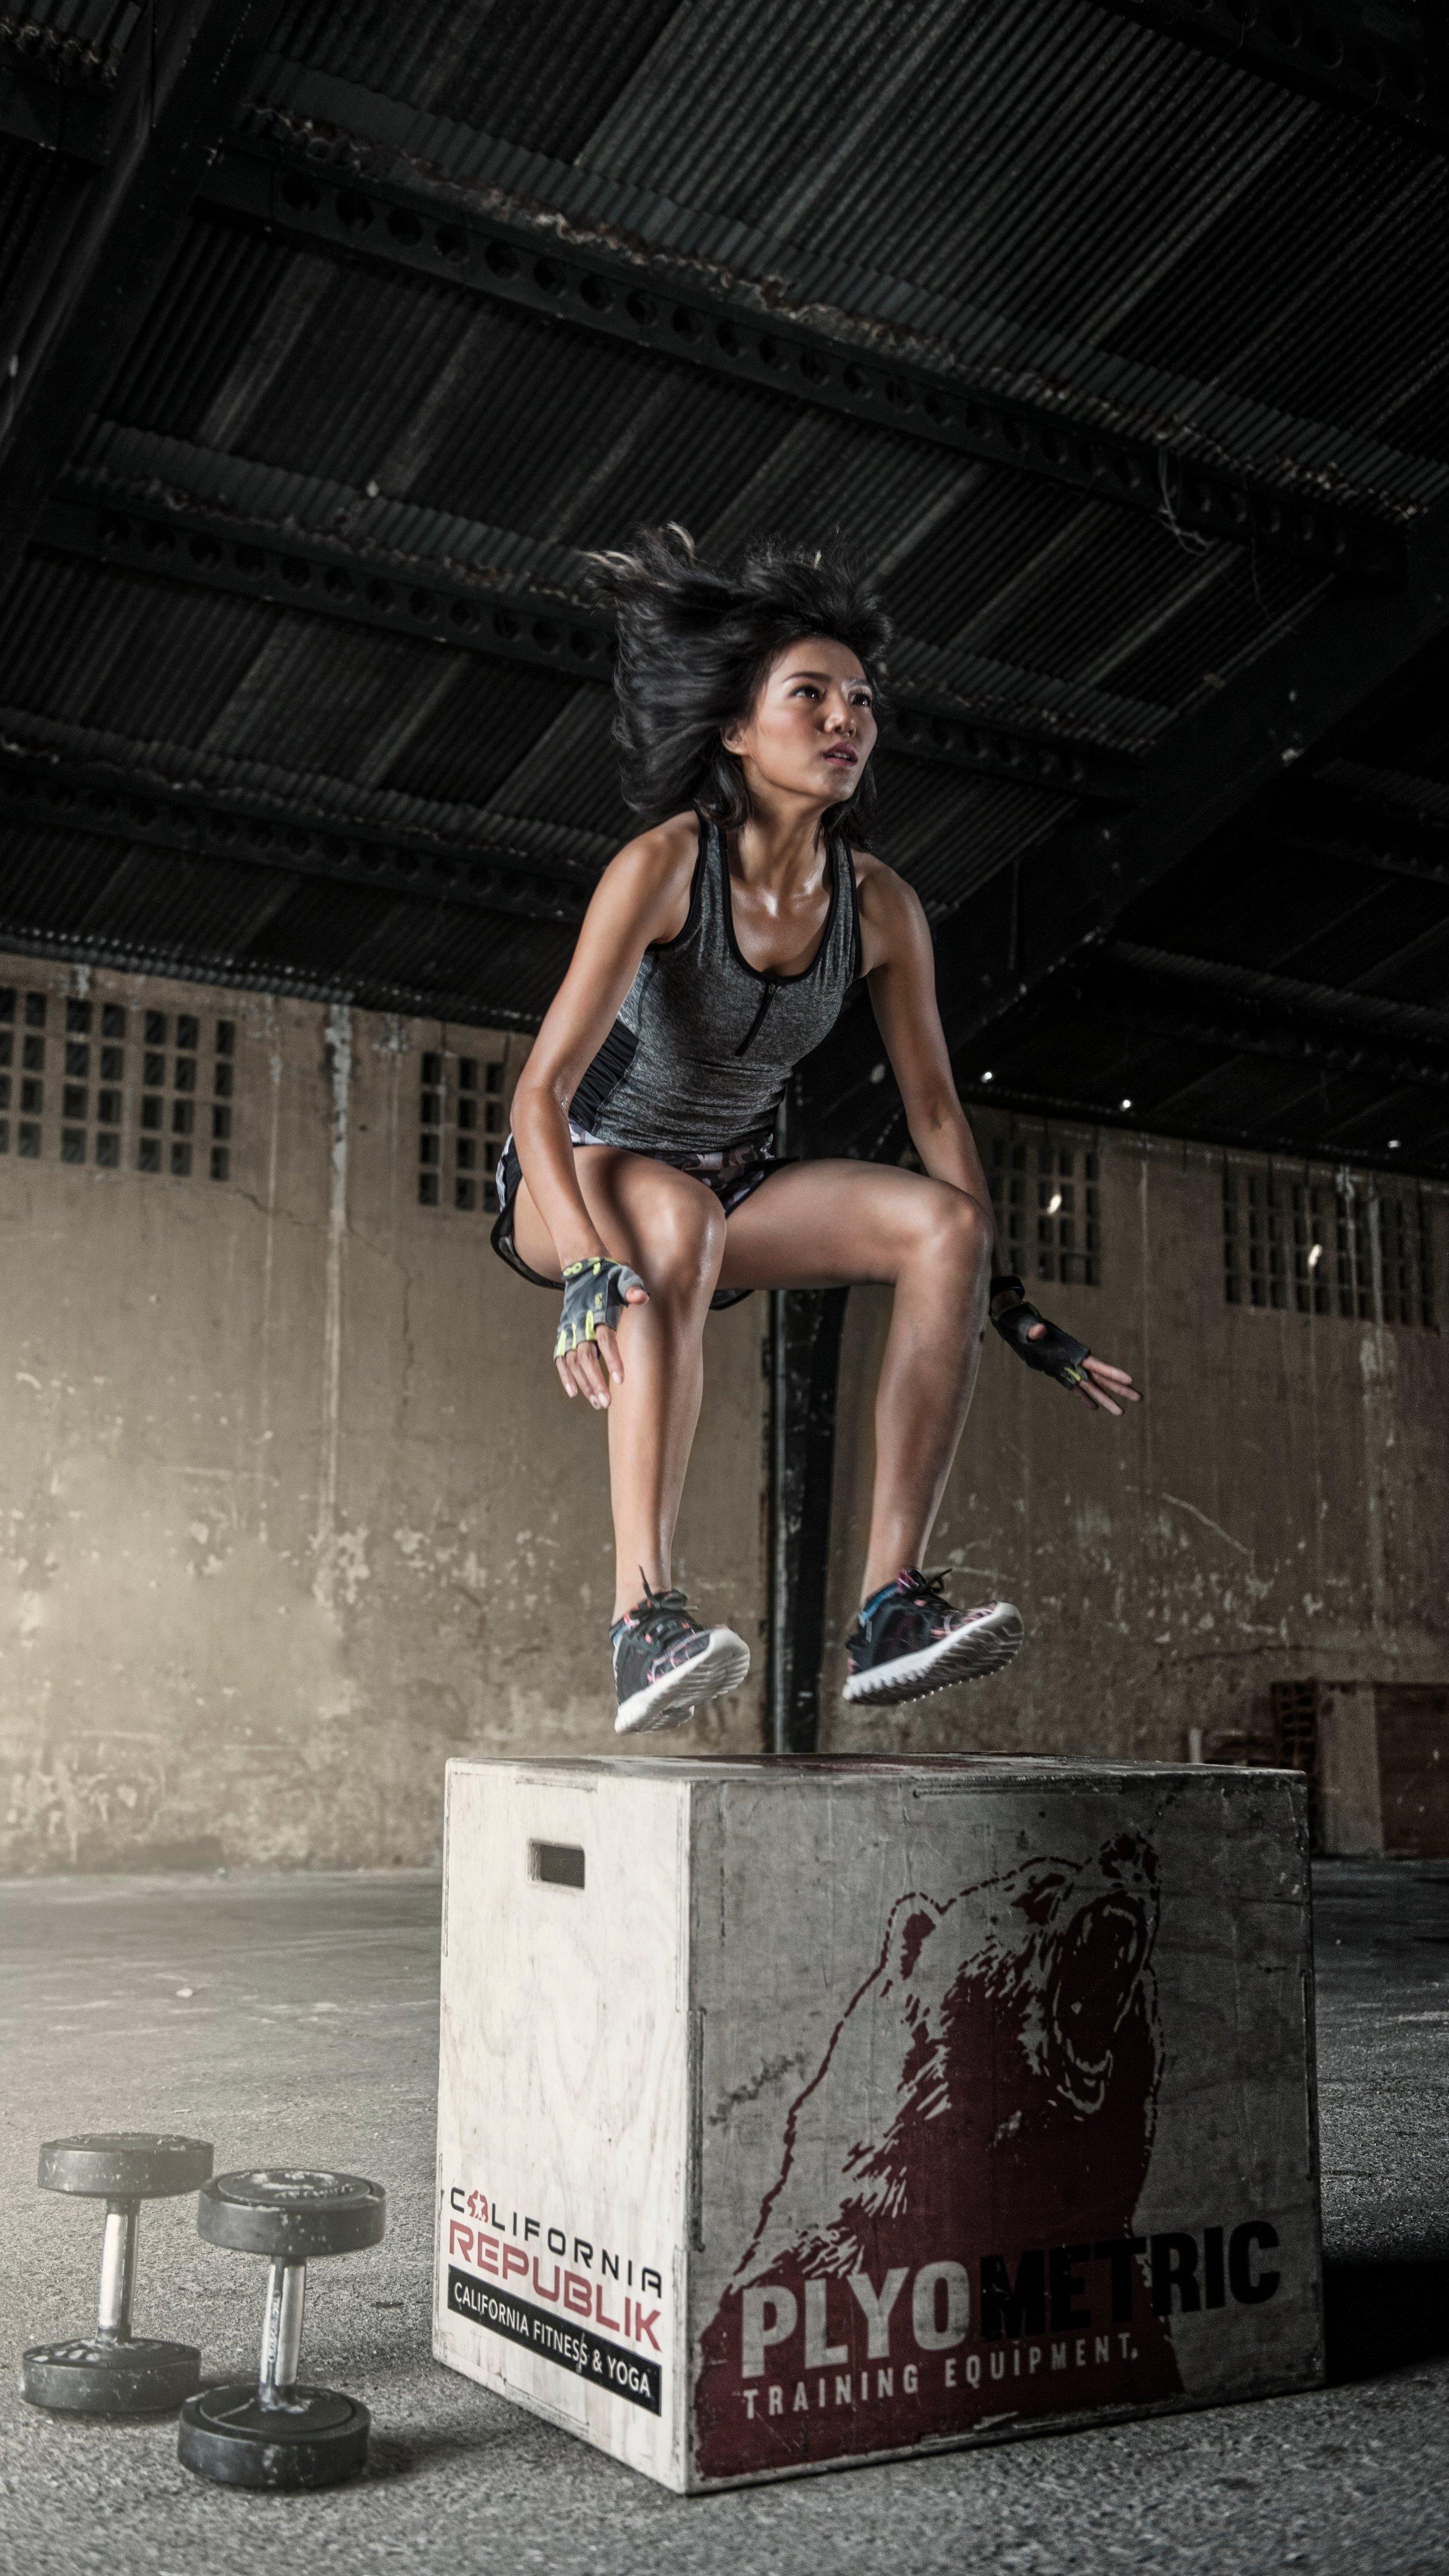 Girl Box Jumping